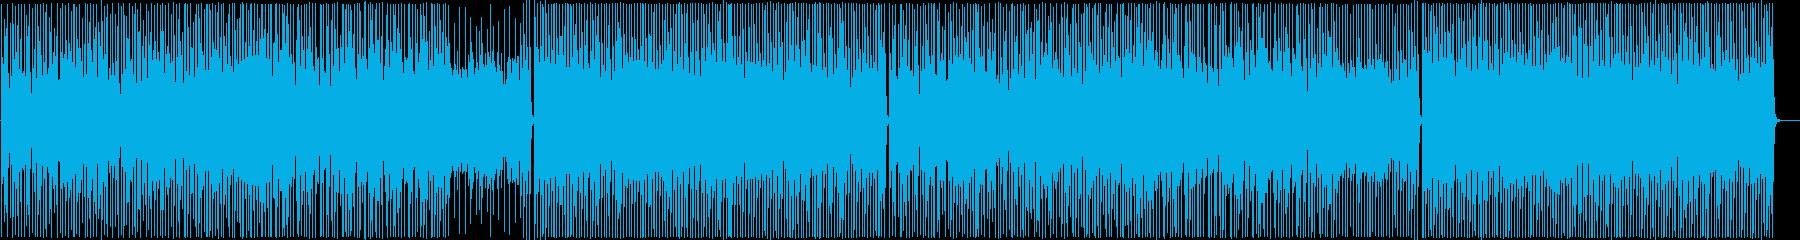 クラップとアコギが可愛く楽しいポップスの再生済みの波形